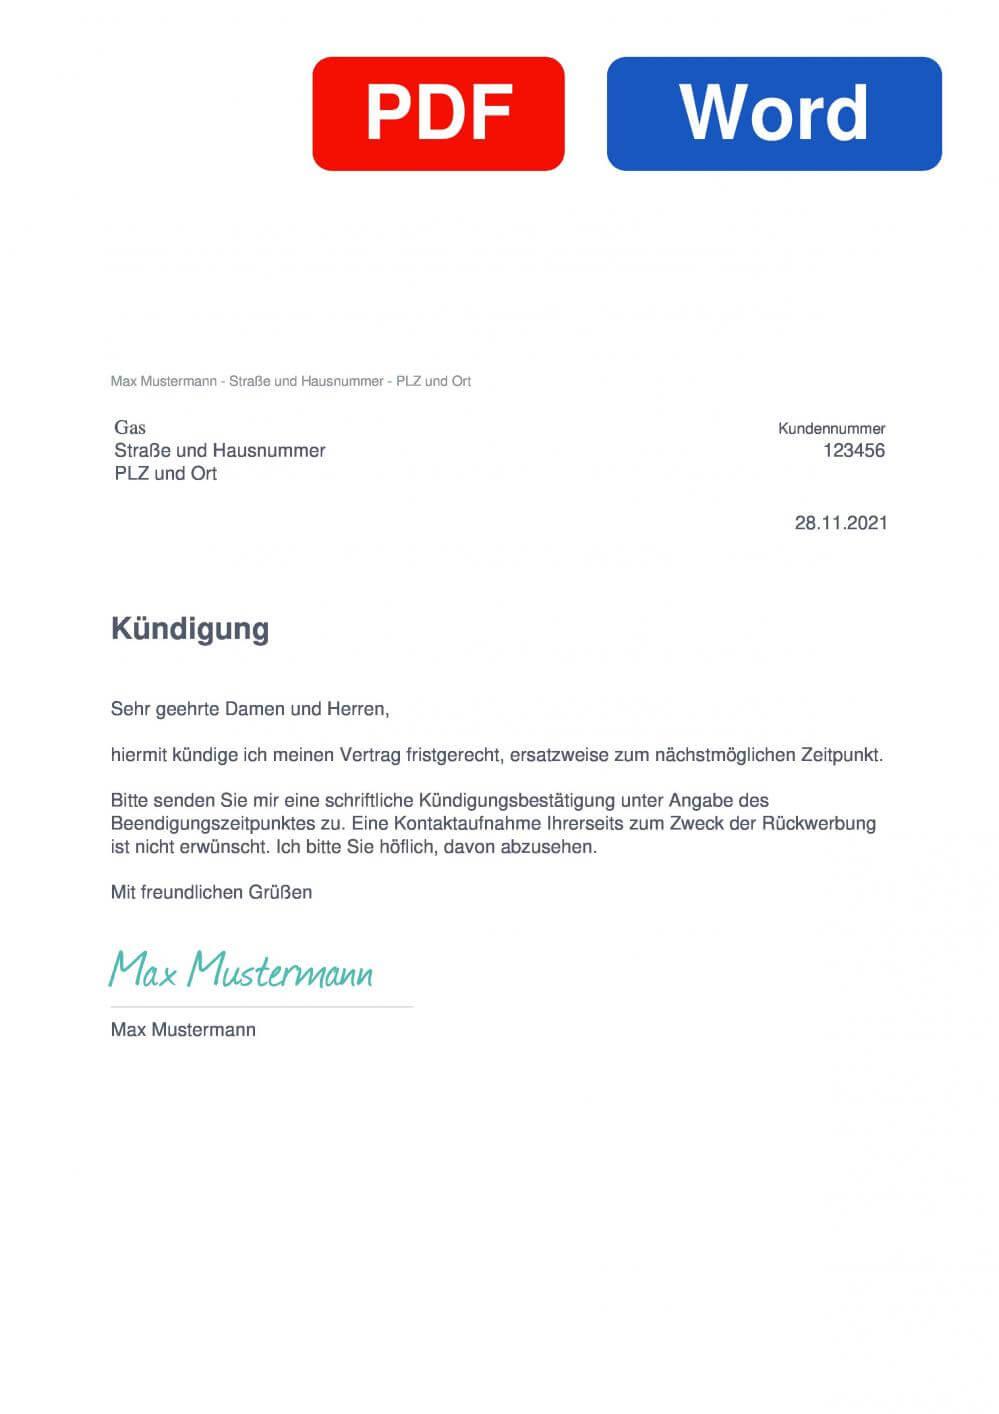 Gasanbieter Muster Vorlage für Kündigungsschreiben